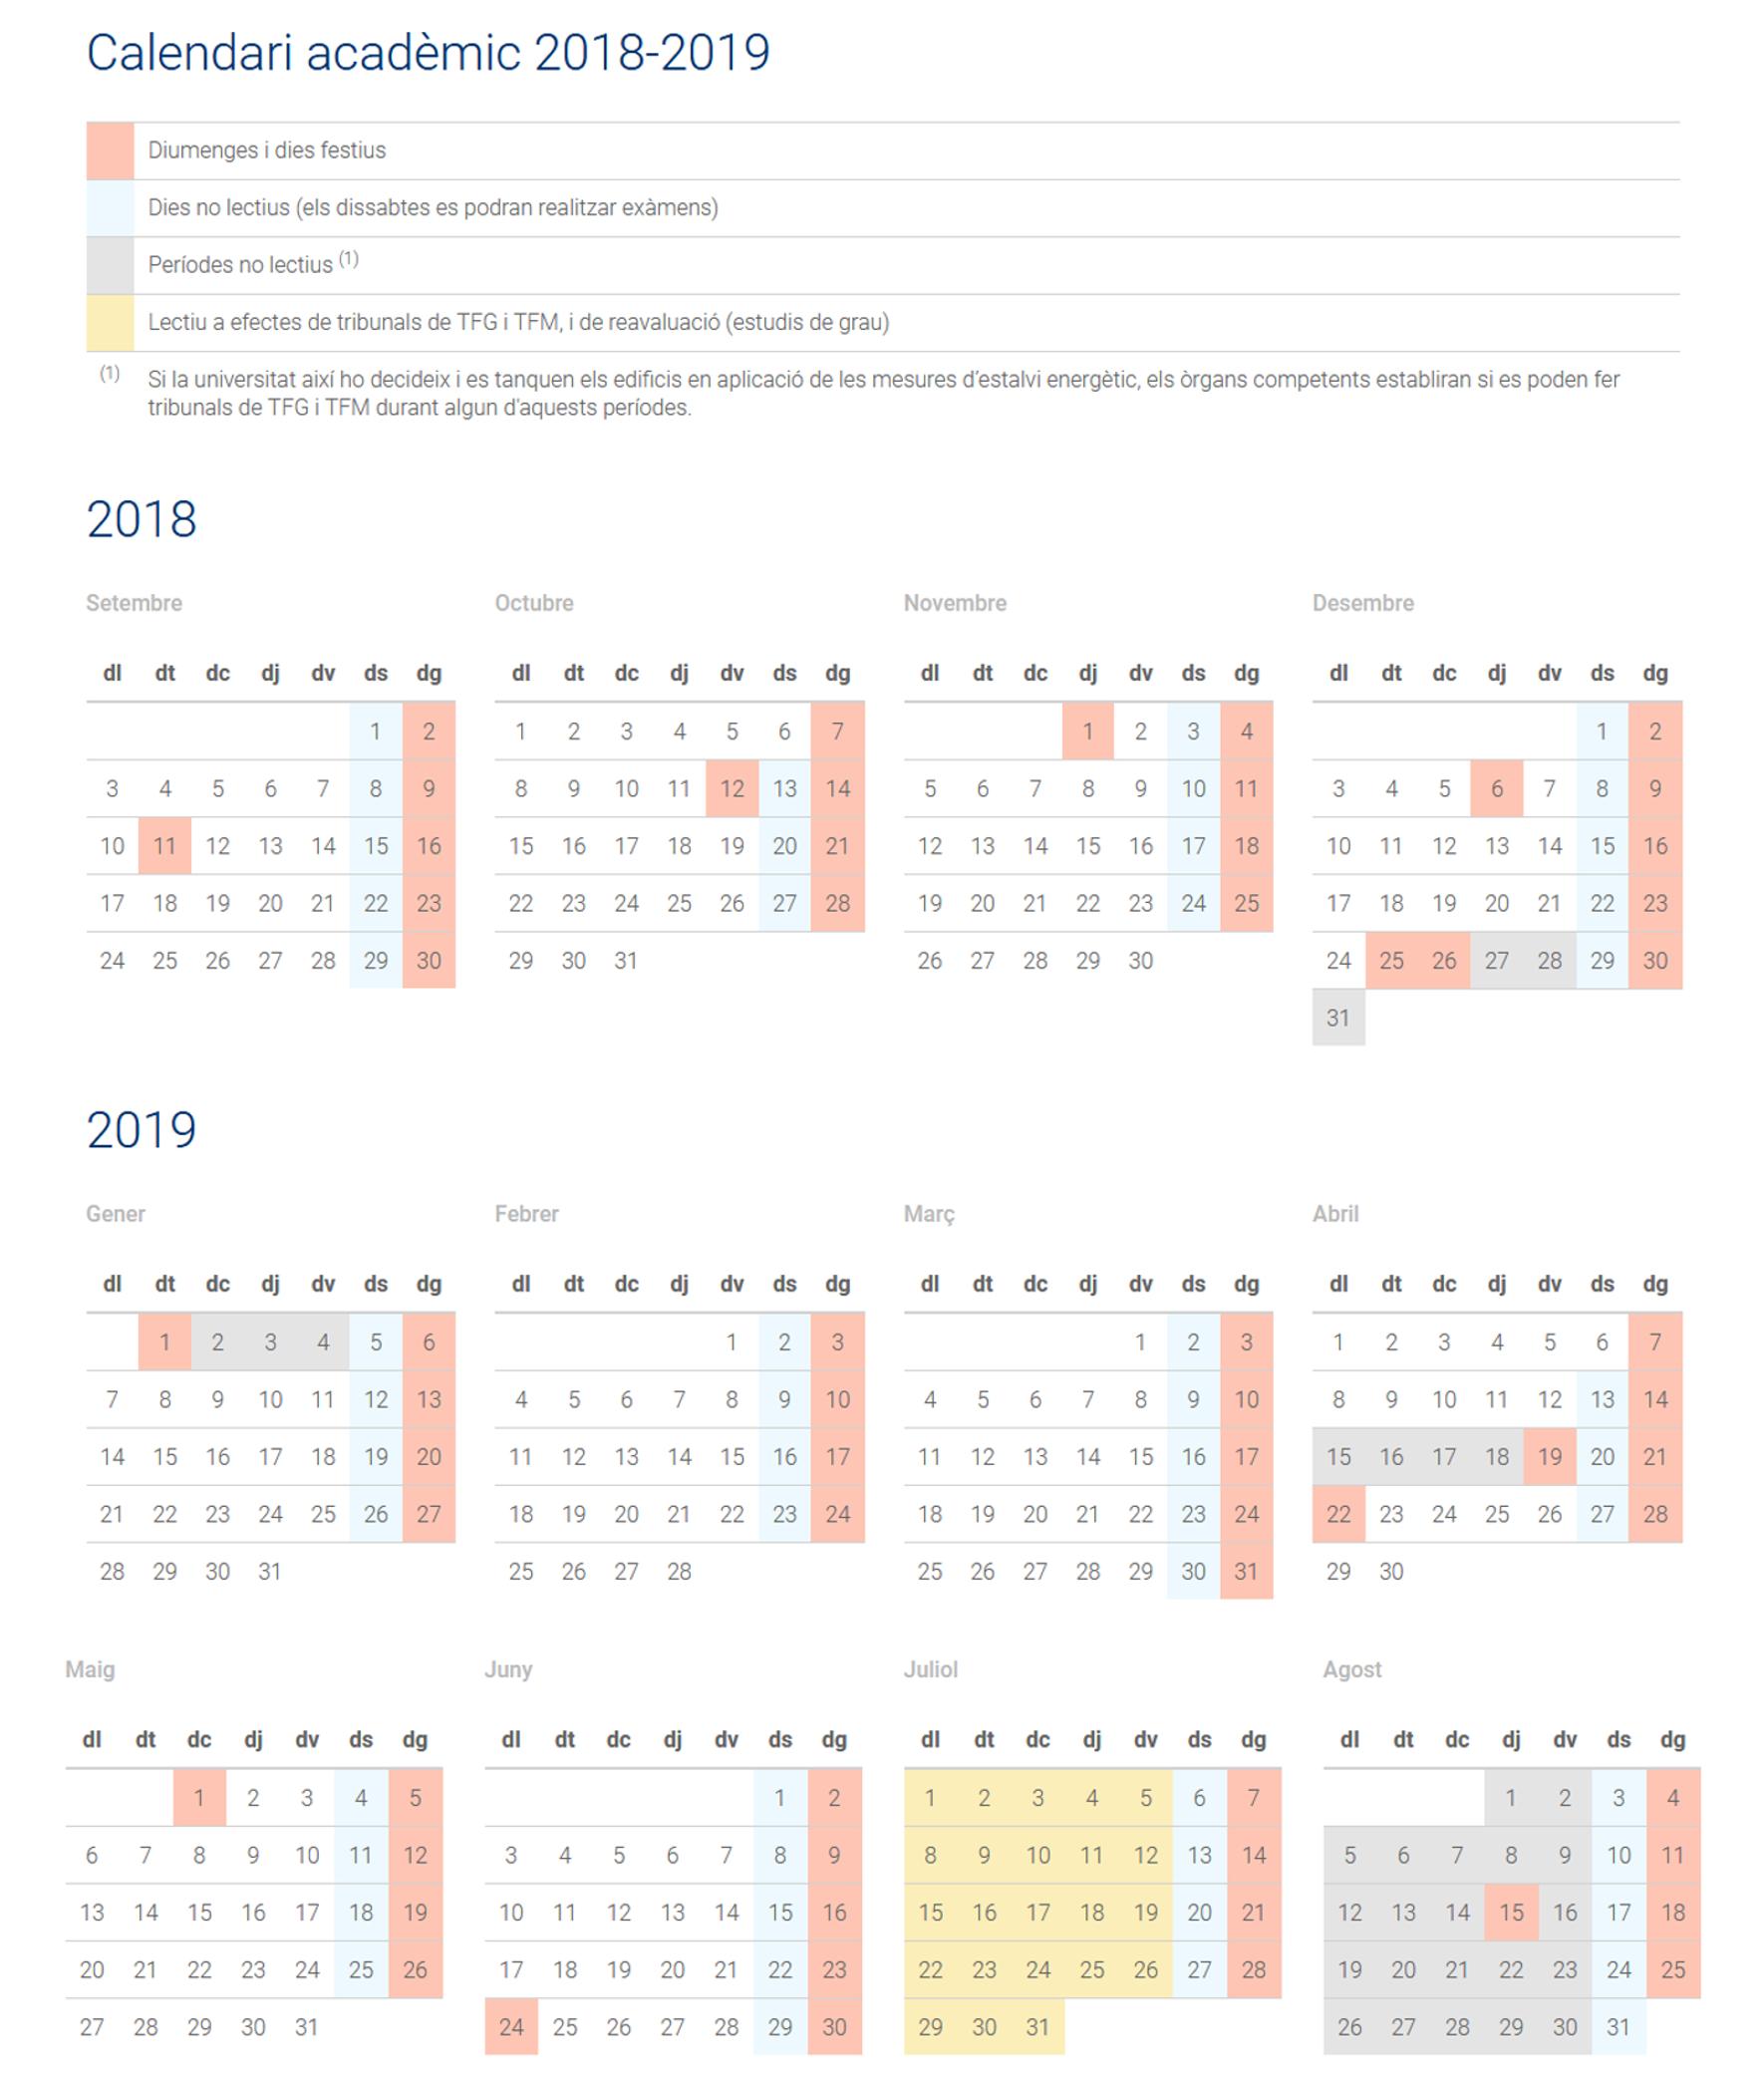 calendari_2018-19.png